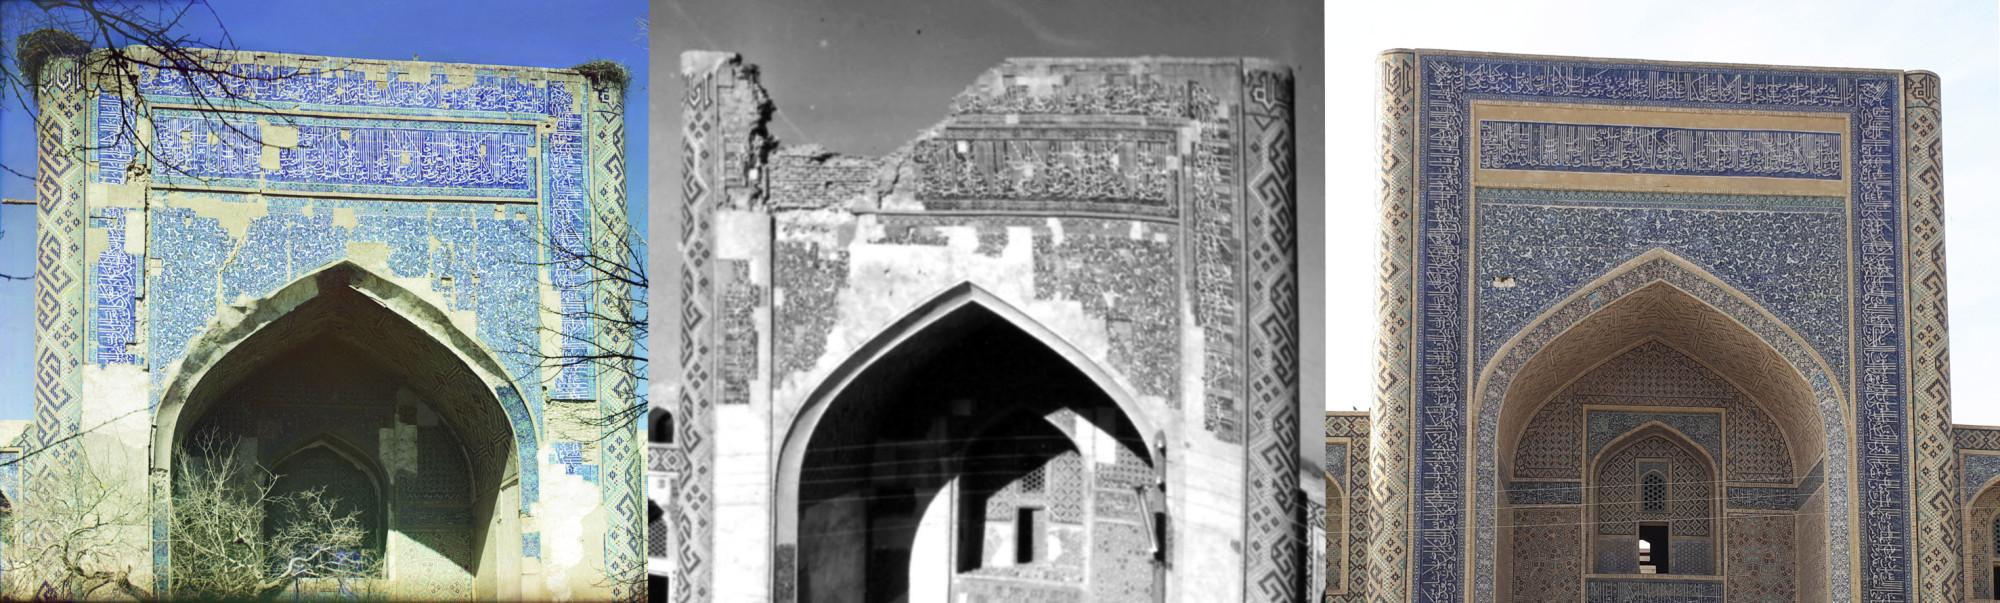 Медресе Абдулла-хана. Наружный выход. Бухара. 1911, 1960-е и 2018 годы